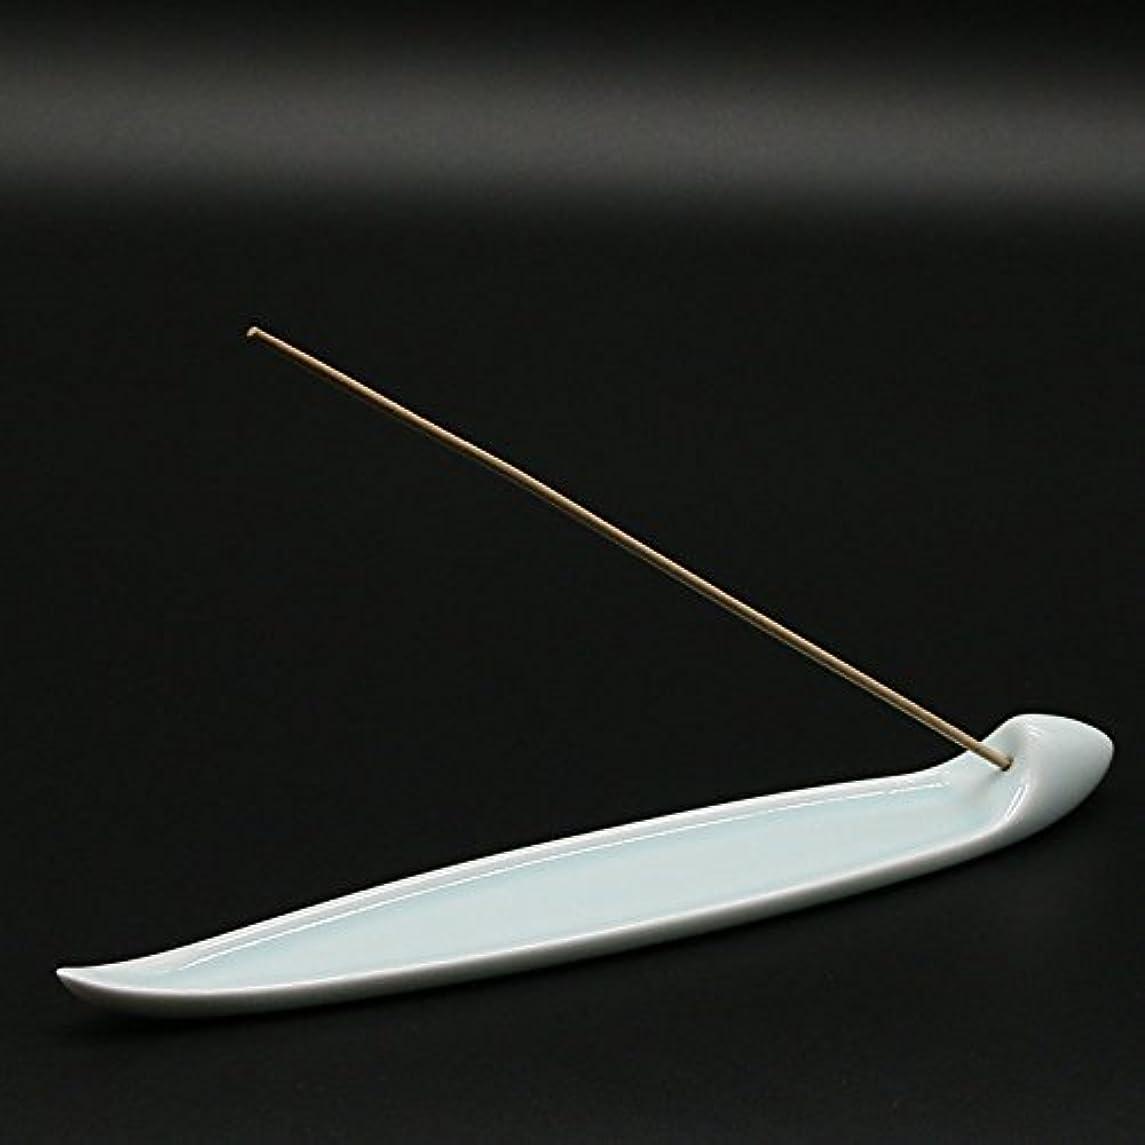 マンハッタン浴室人柄synpie Stick Incense Burner holder-ru Klin 1.5 MM 2 MM 2.5 MM竹Stcik / Stick Incense Holder Incense Holder Incense...